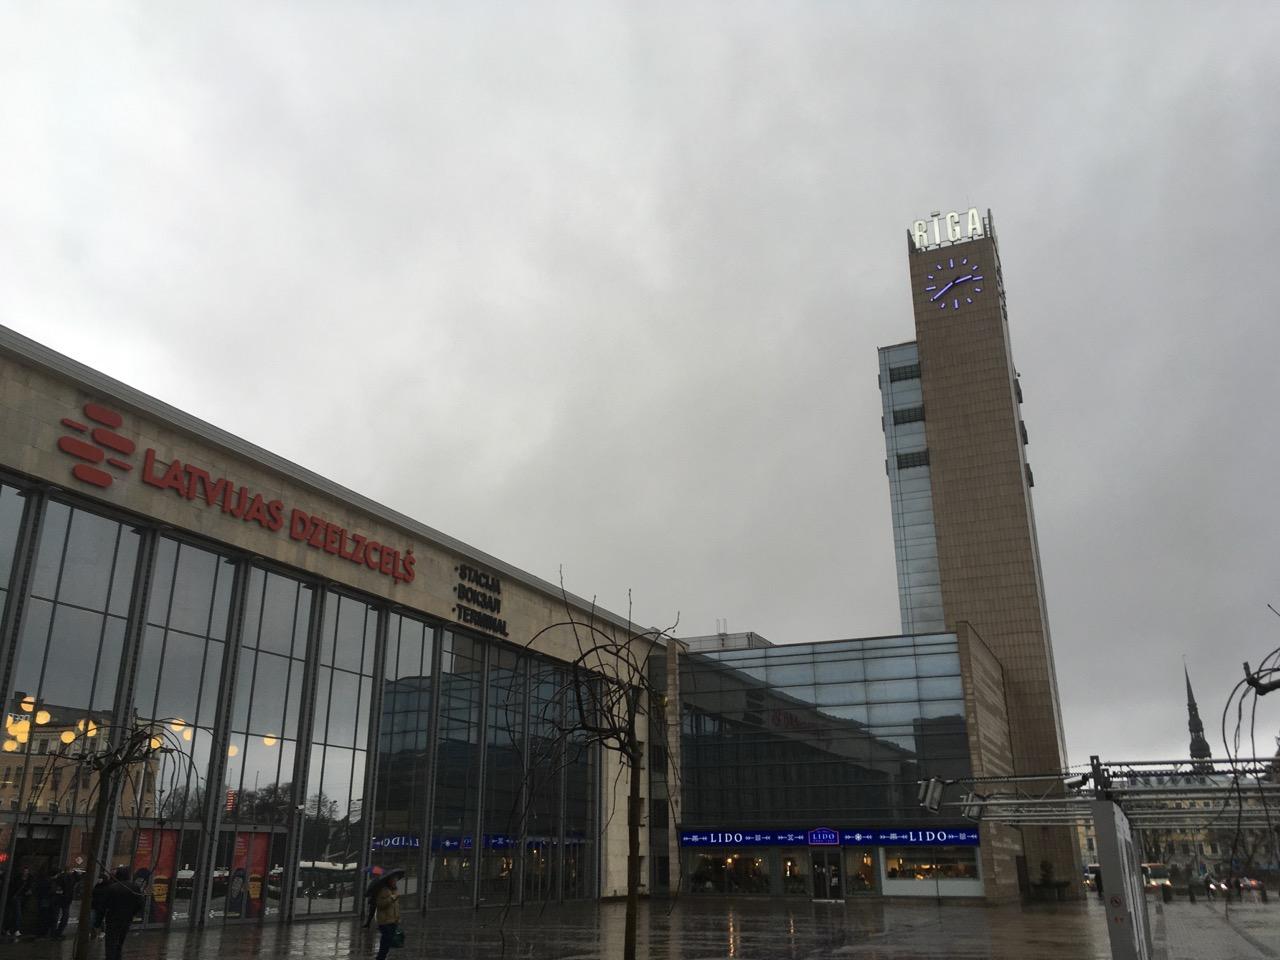 ラトビアの首都リガ 〜Reise nach Riga〜